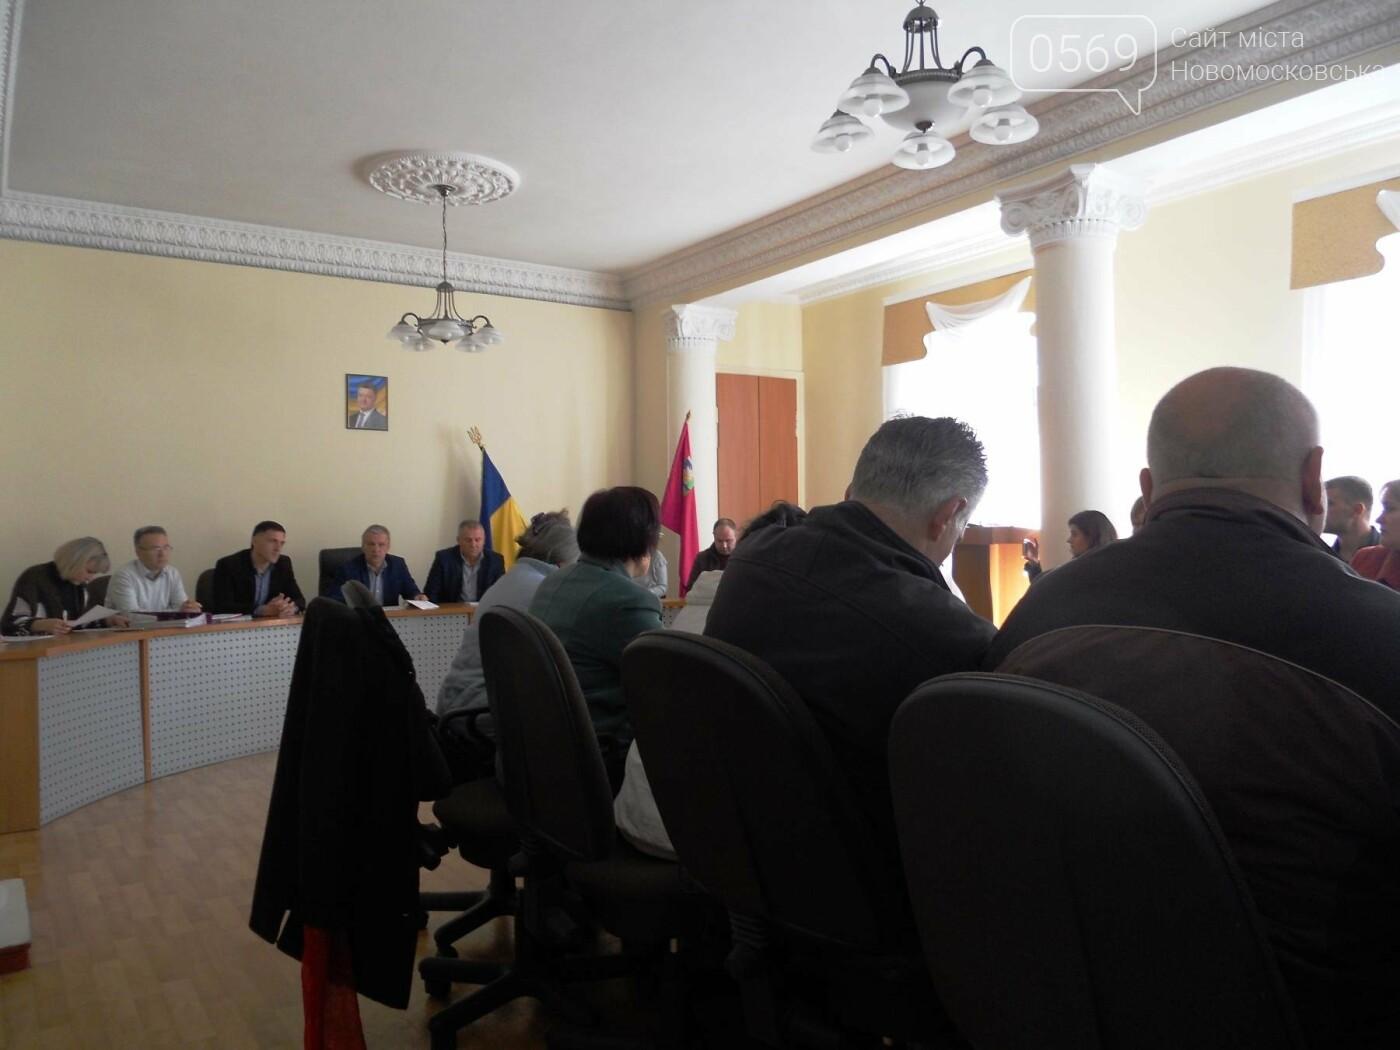 В Новомосковске состоялся круглый стол по вопросу объединения громад, фото-2